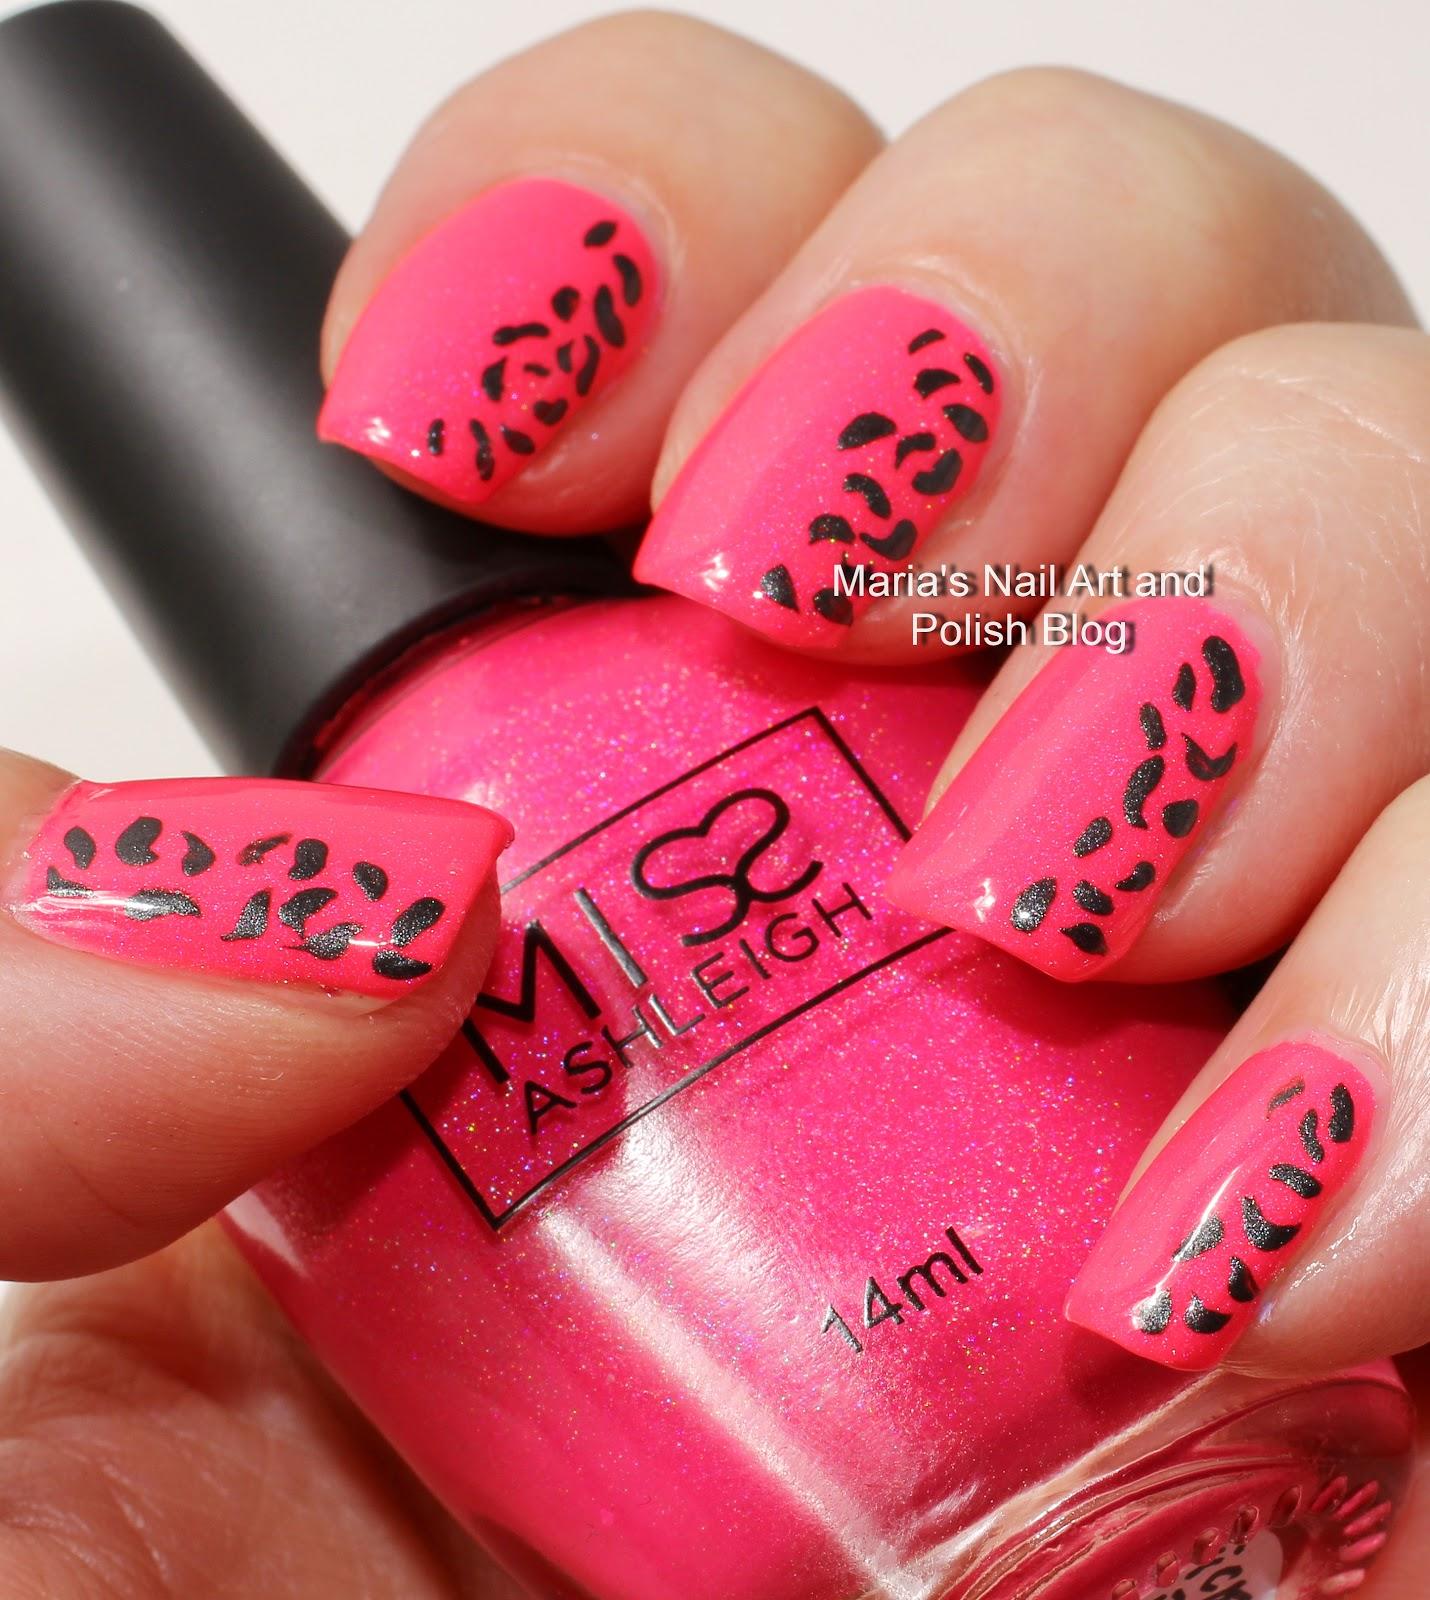 Marias Nail Art And Polish Blog: Simple Leopard Print Nail Art